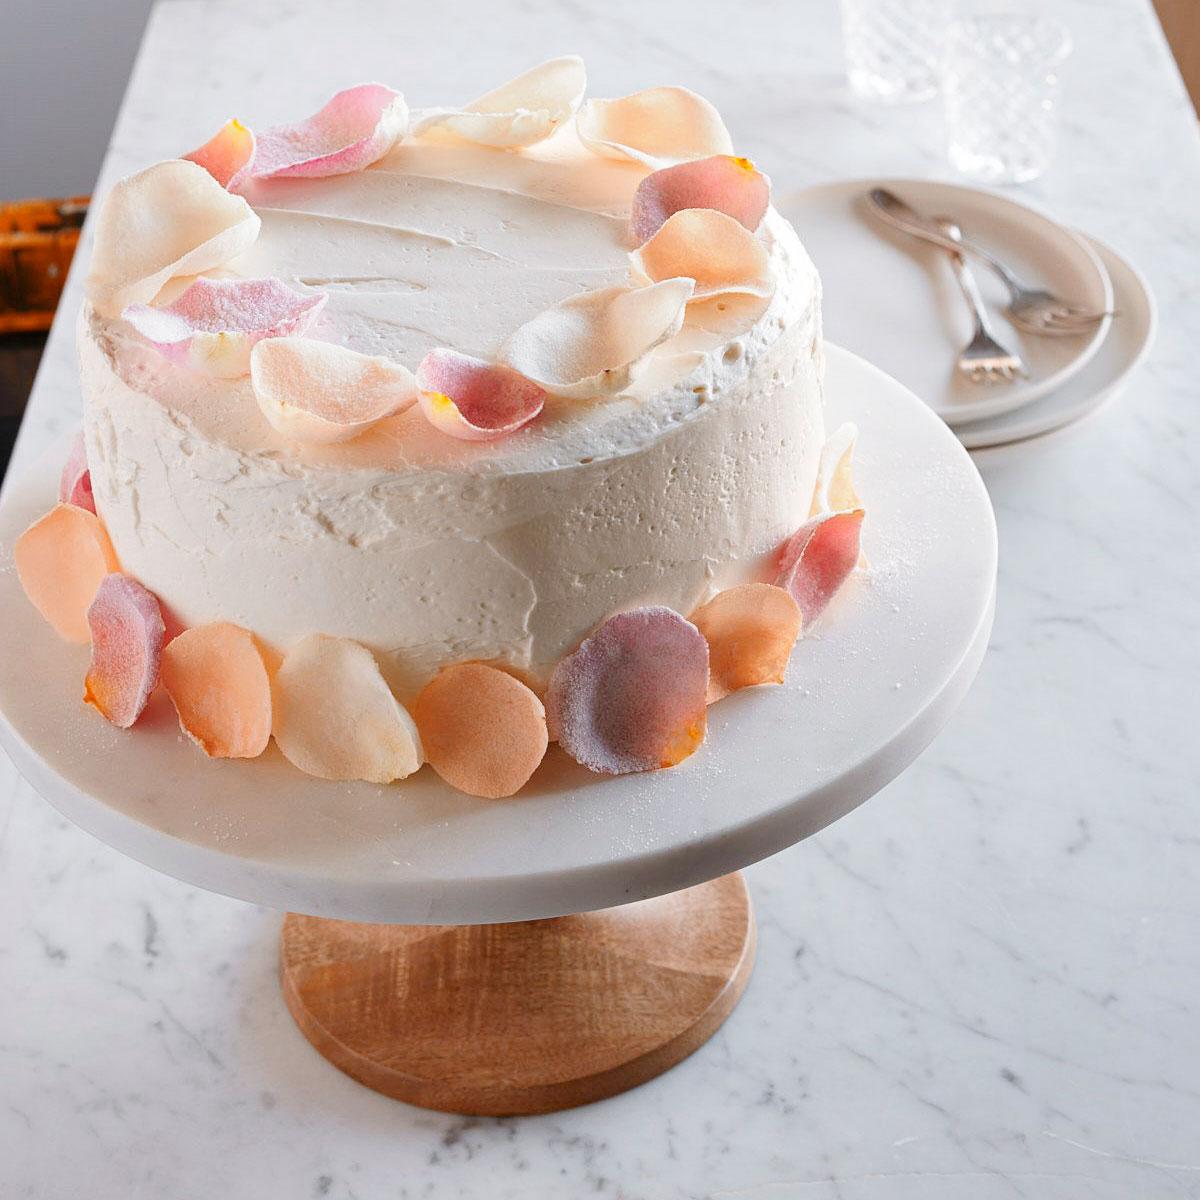 Chez Panisse Sugared Rose Petals